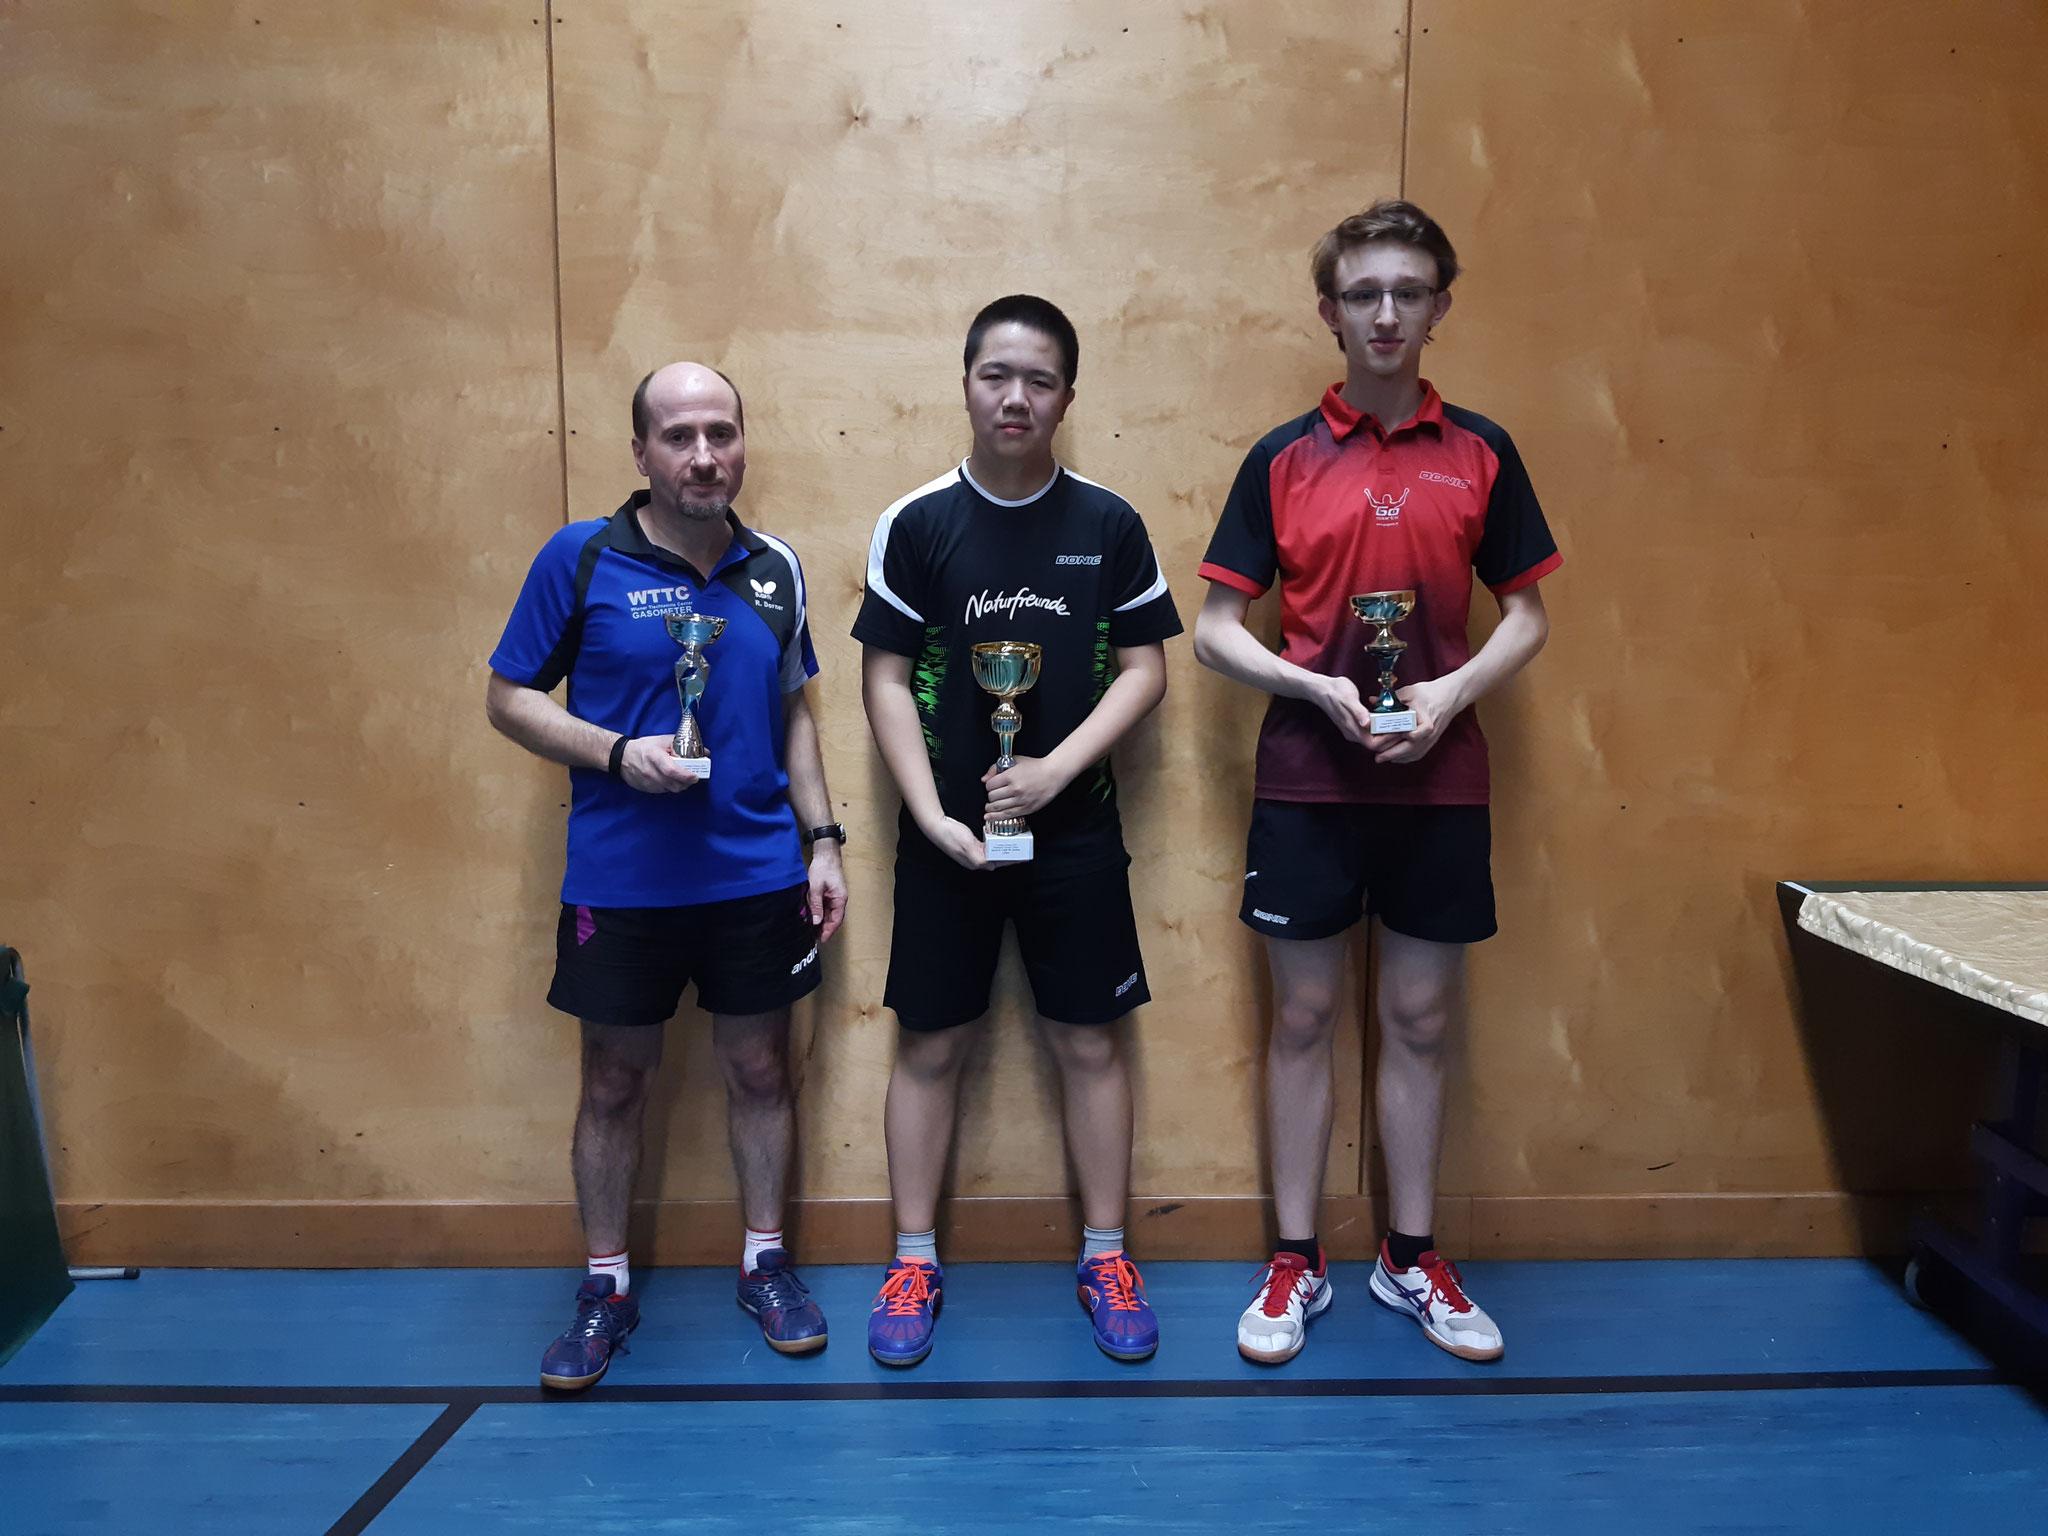 Siegerfoto Bewerb B: v.l.n.r. Roland Dorner (OLD) (Platz 2), Eric Tang (NFS) (Sieger), Felix Kampas (LENZ) (Platz 3)